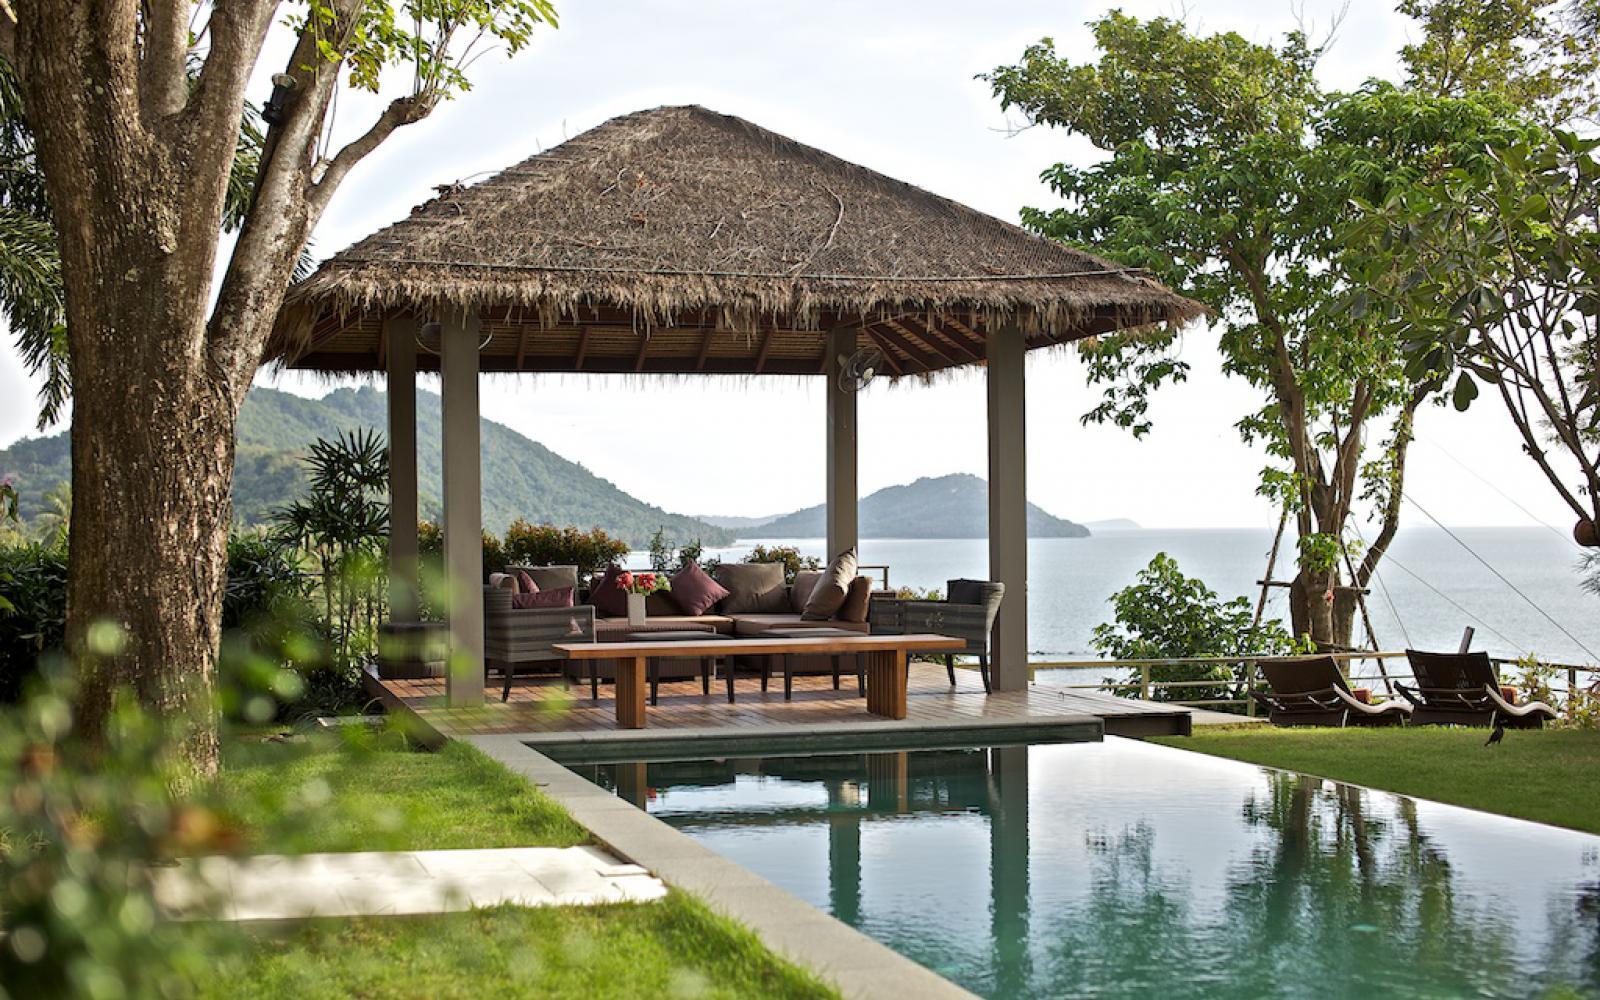 The headland villa 5 rental 4 bedrooms in villas taling for Koh tao cabana koi pool villa